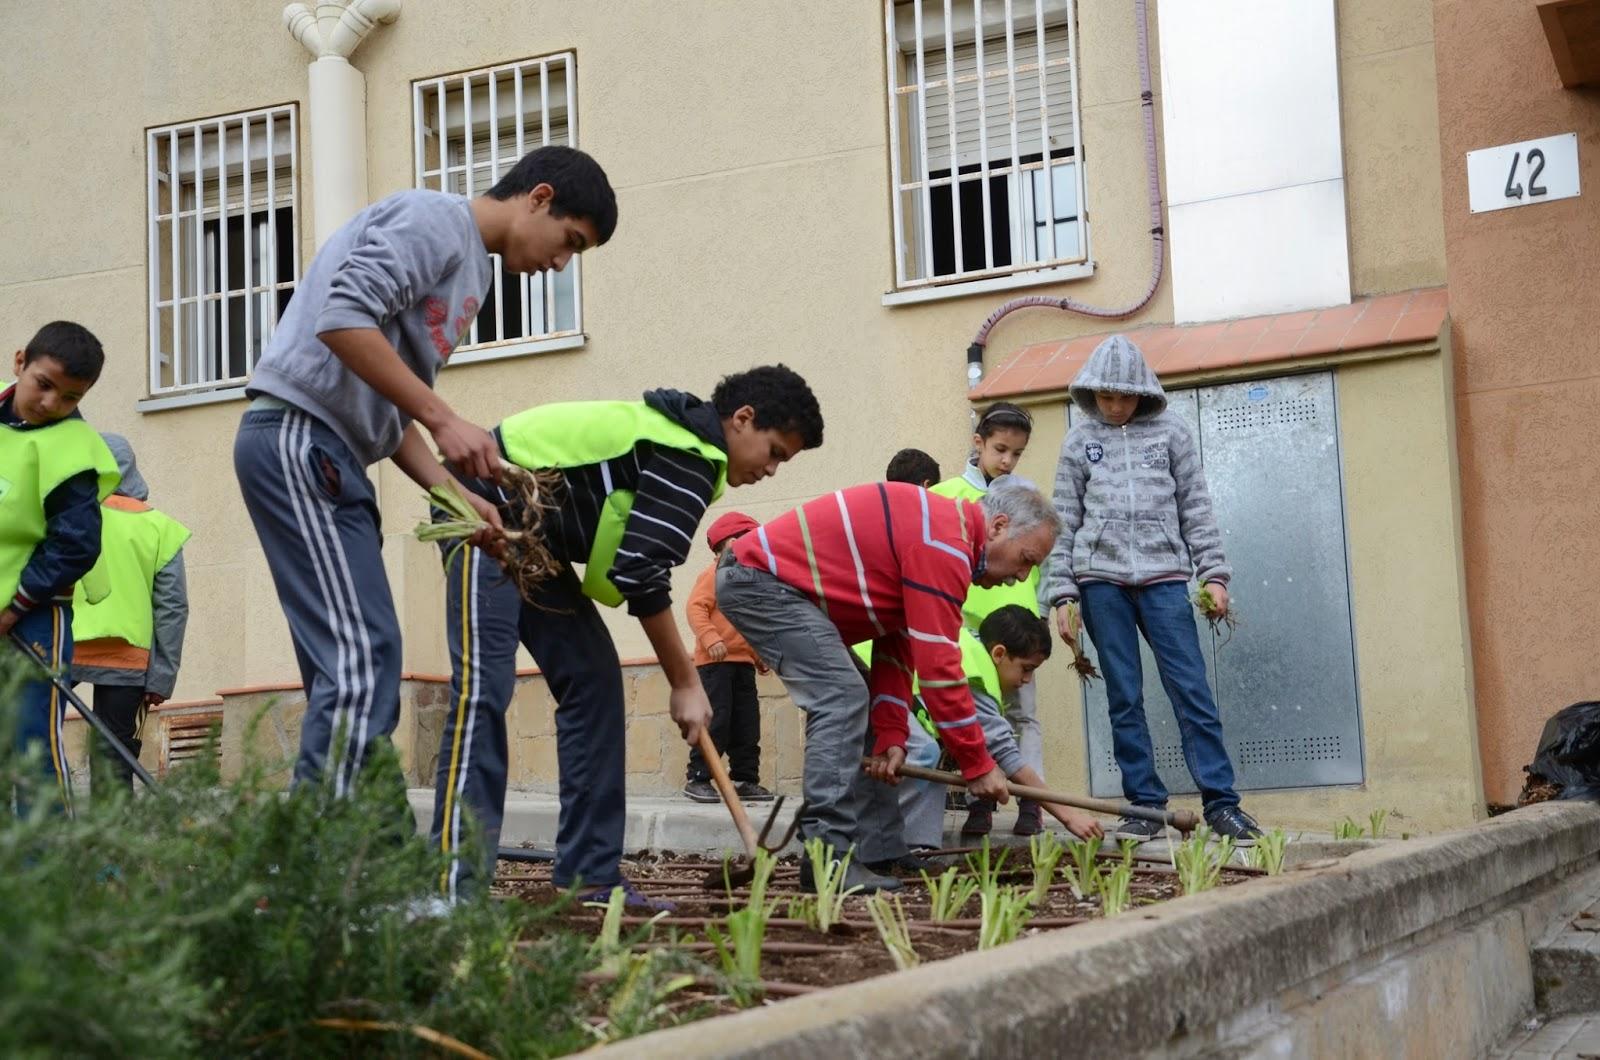 Avv montserrat curso de jardineria para gente joven for Curso de jardineria